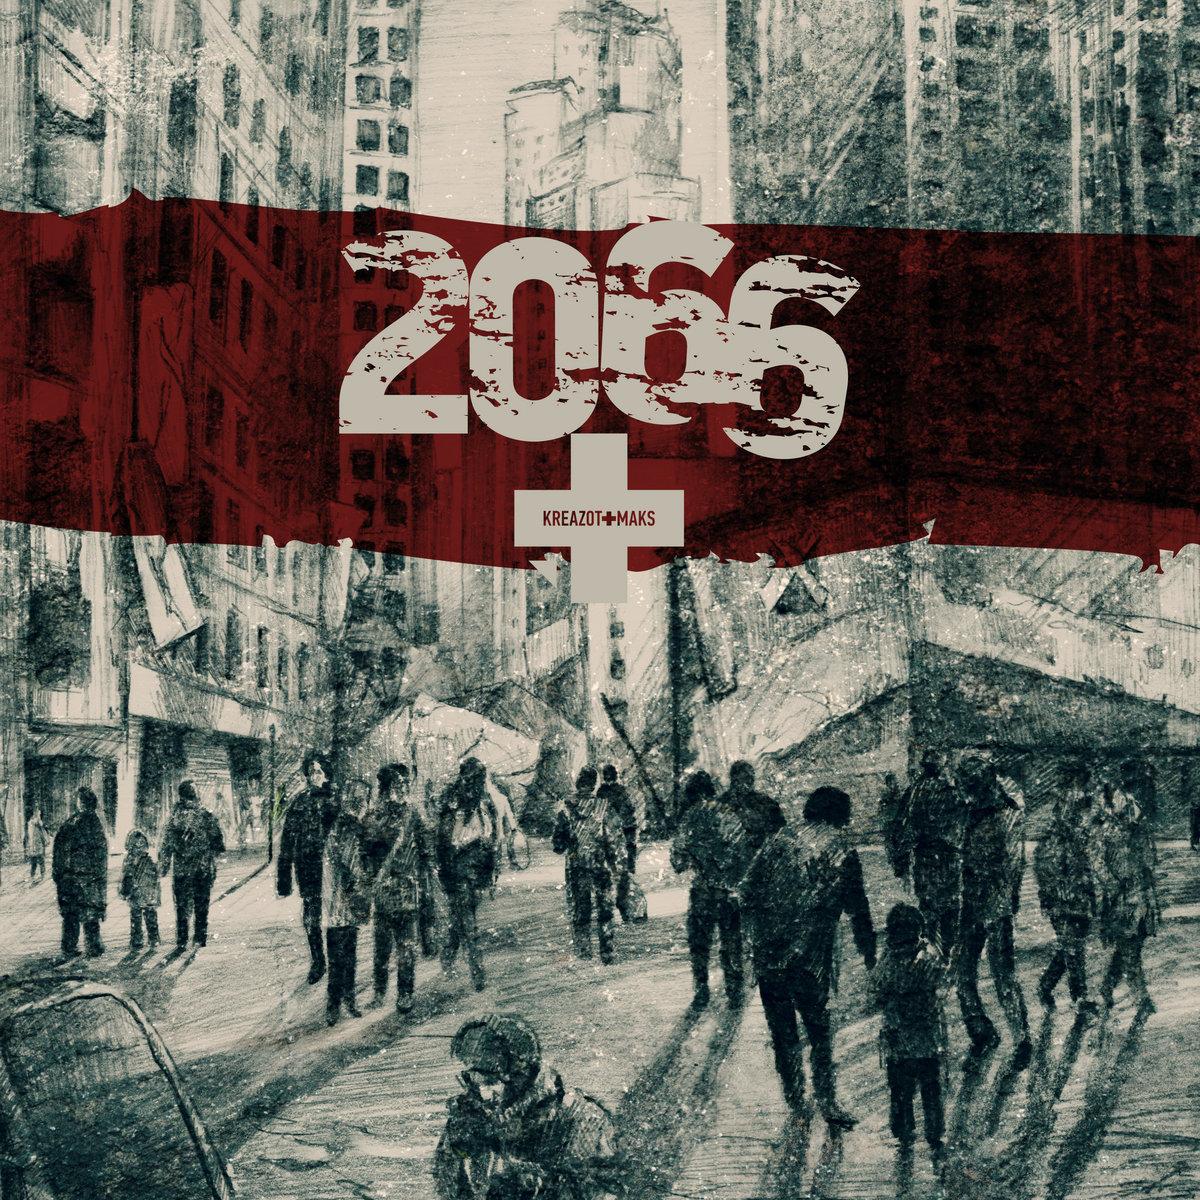 London 2066